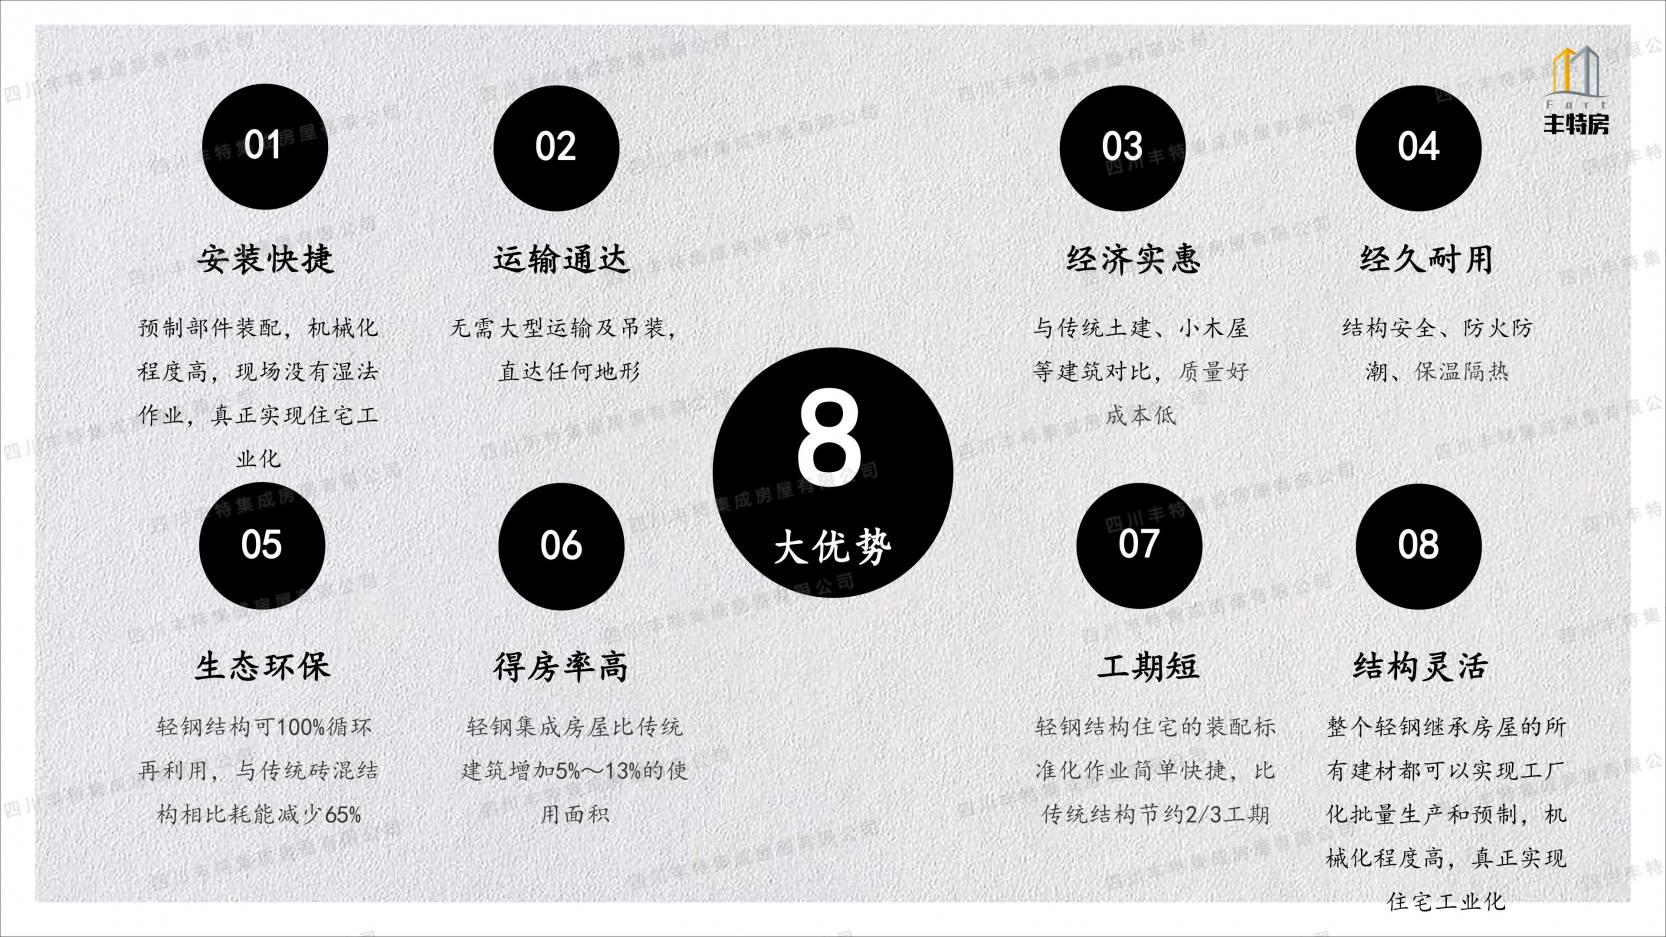 四川丰特集成房屋有限公司 (24)